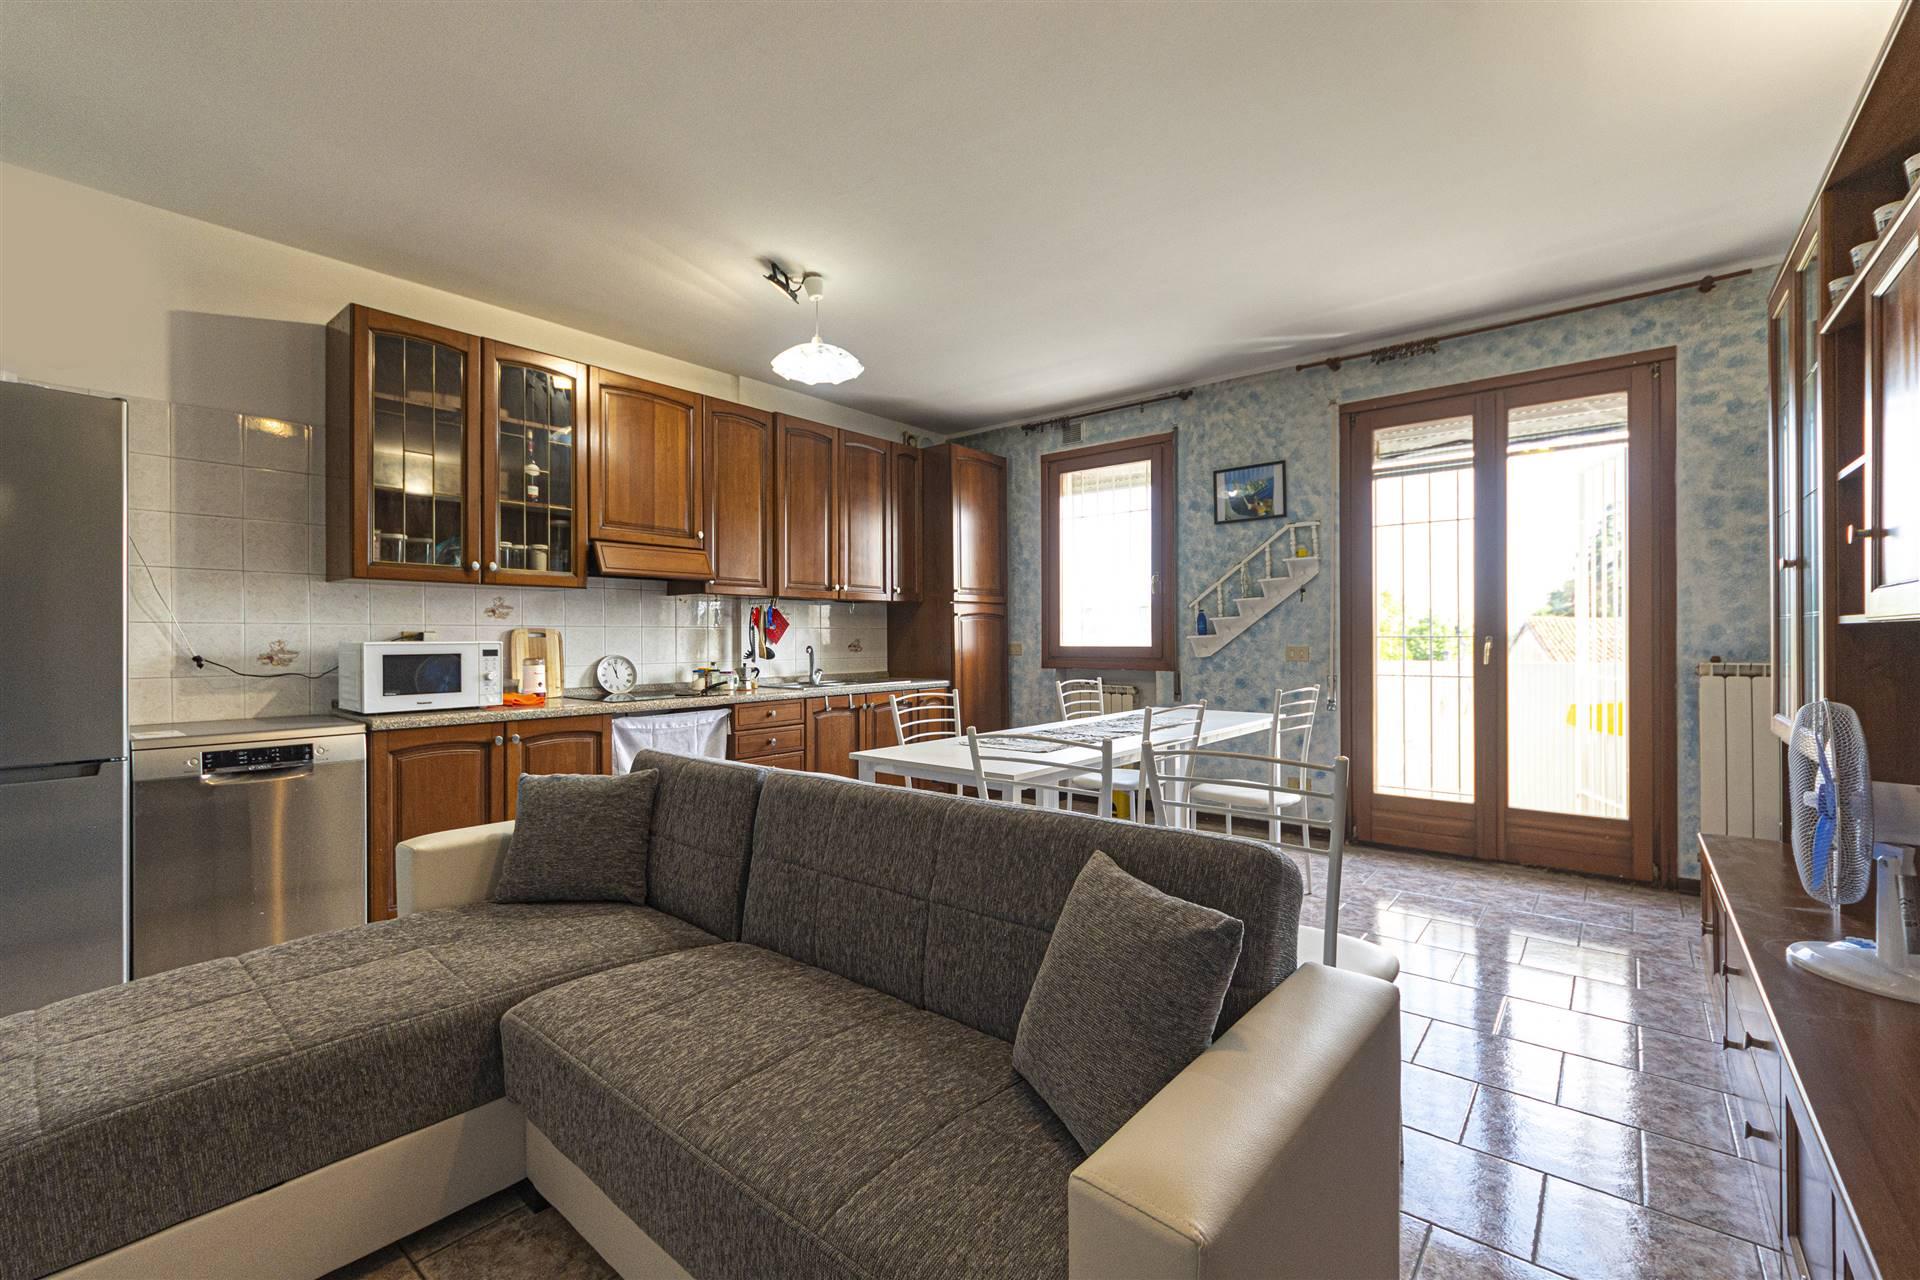 Appartamento in vendita a Santa Maria di Sala, 4 locali, zona liano, prezzo € 110.000   PortaleAgenzieImmobiliari.it